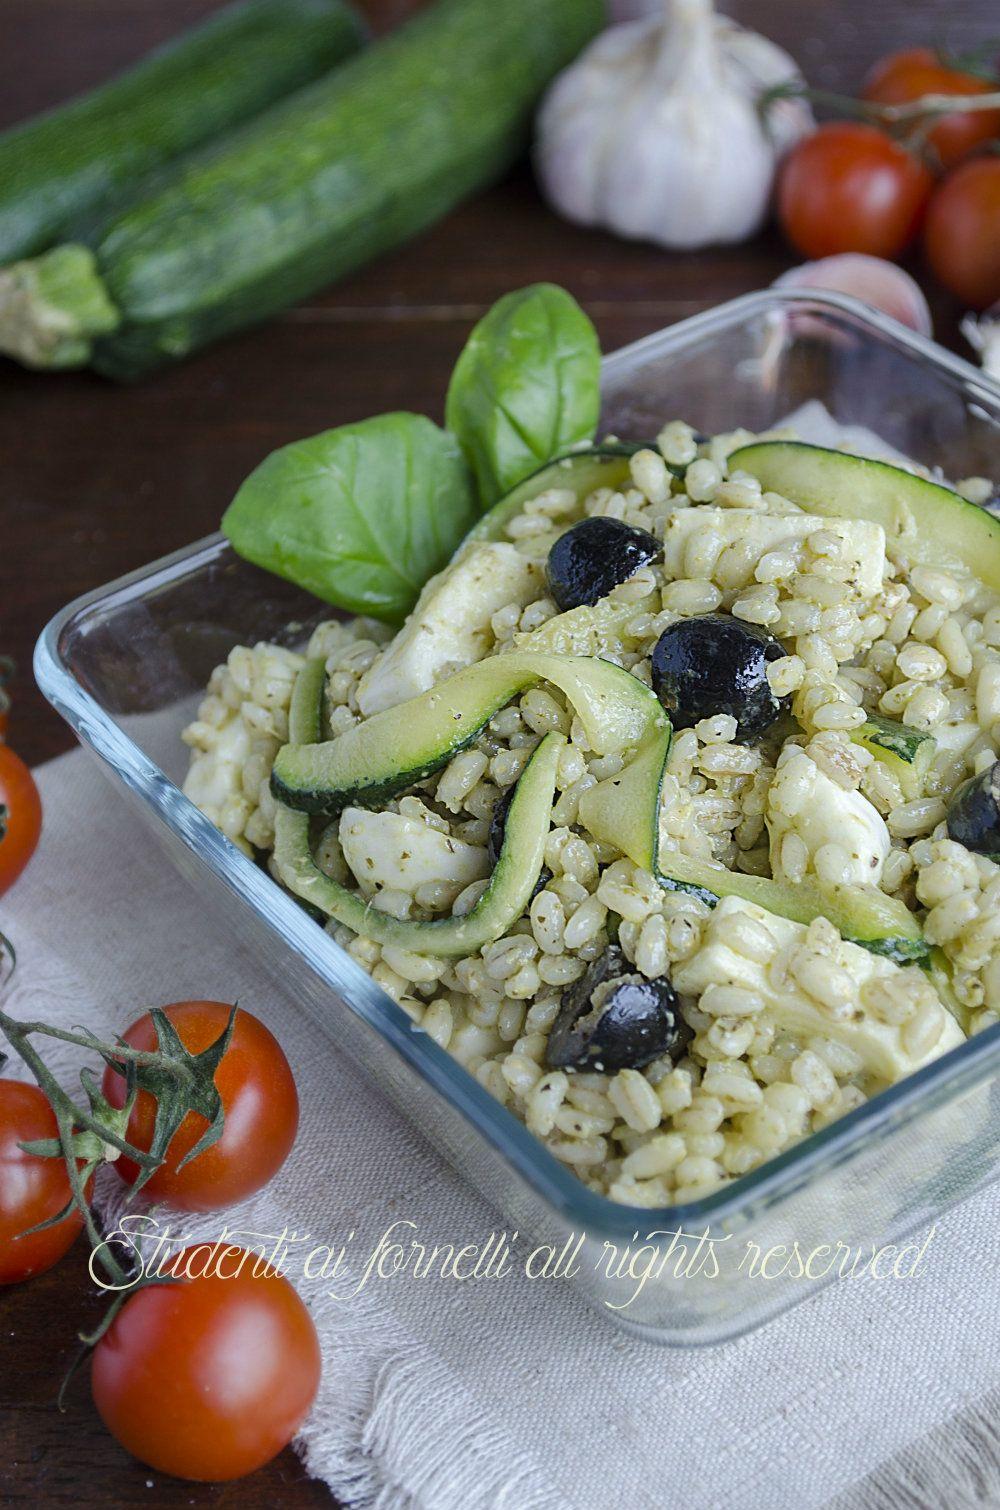 Ricette Orzo Vegetariano.Insalata Di Orzo Fredda Con Zucchine E Mozzarella Pronta In 20 Minuti Ricetta Insalata Di Orzo Cibo Etnico Insalate